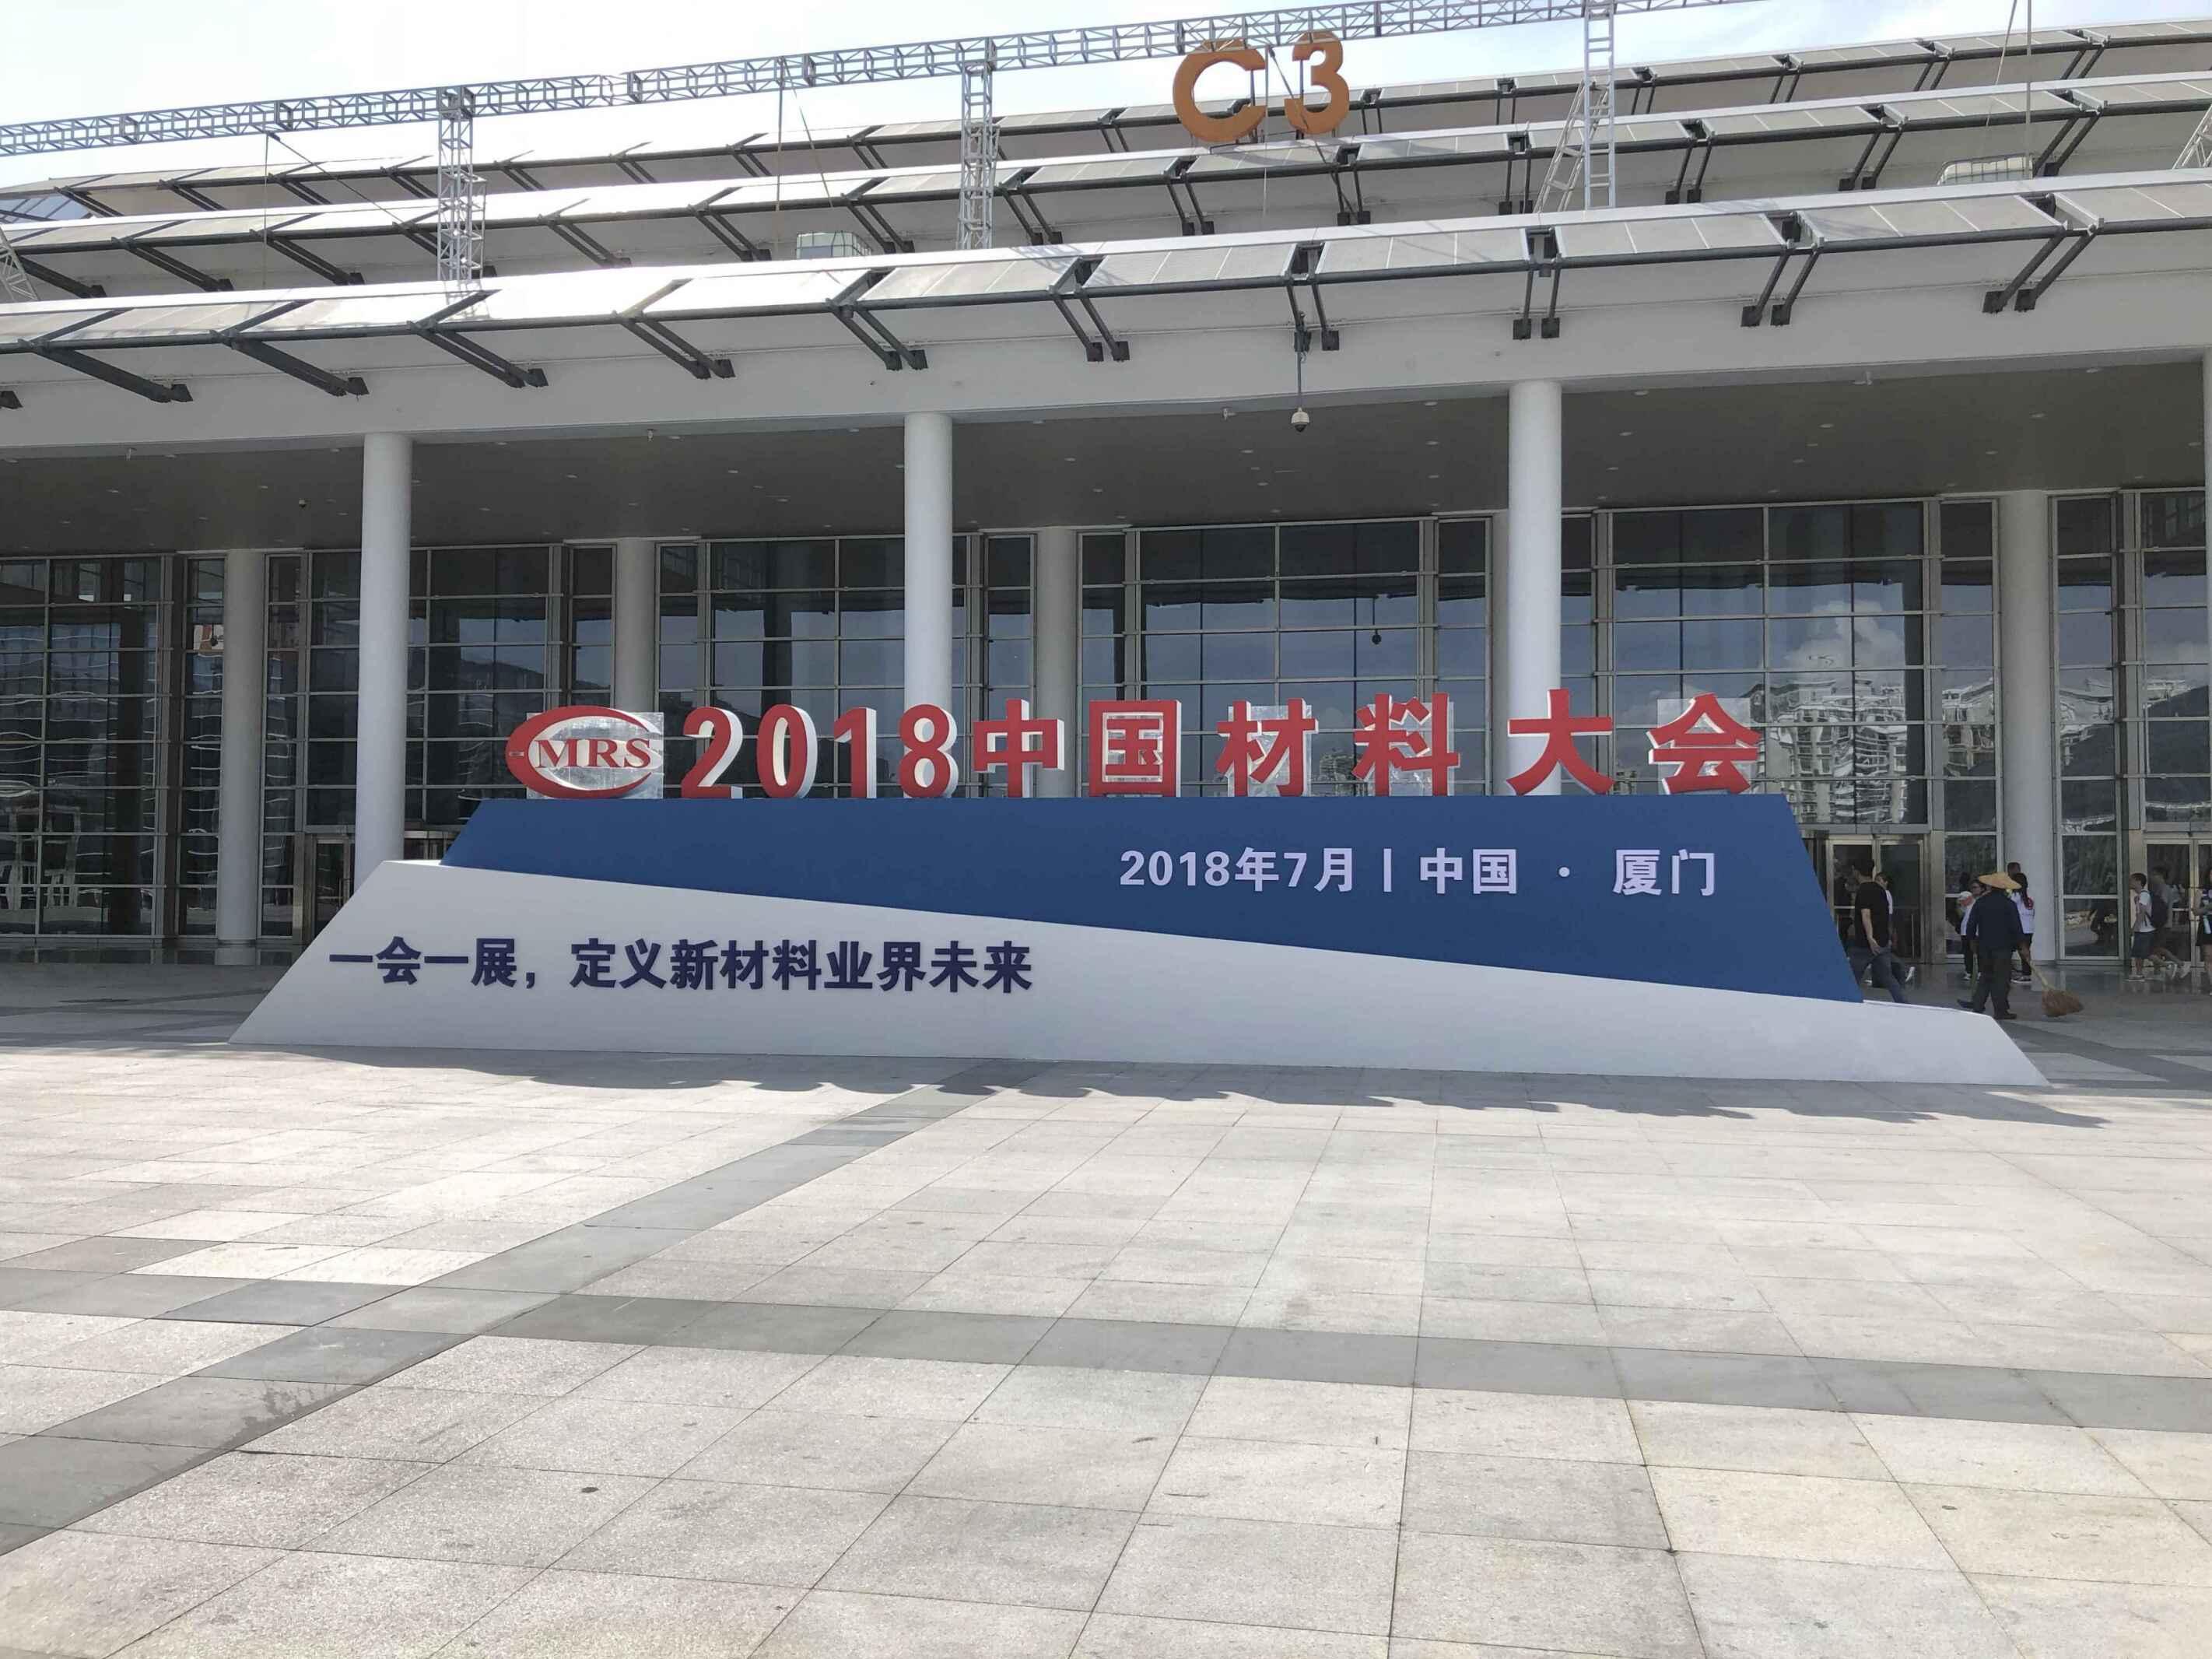 2018中国材料大会暨国际材料工艺设备、科学器材、实验室设备展览会